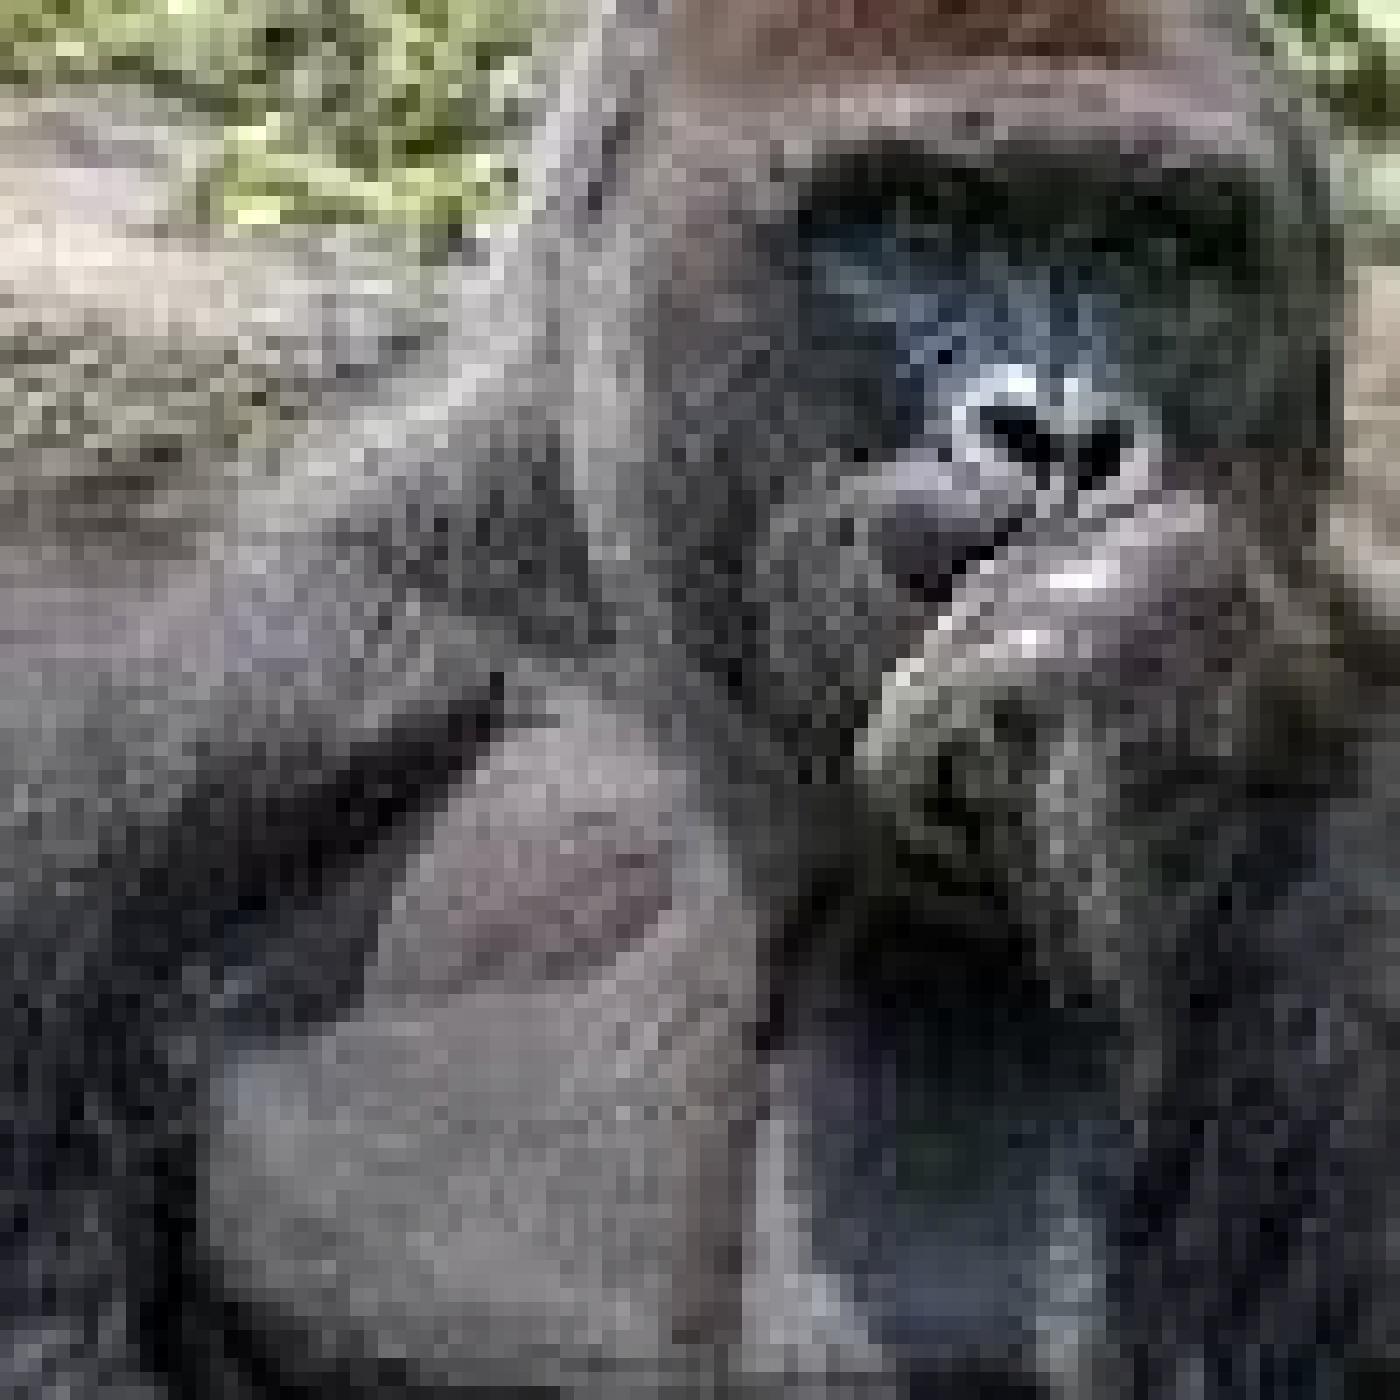 Harambe el gorila asesinado ¿Se tomó la mejor decisión? ¿qué falló?